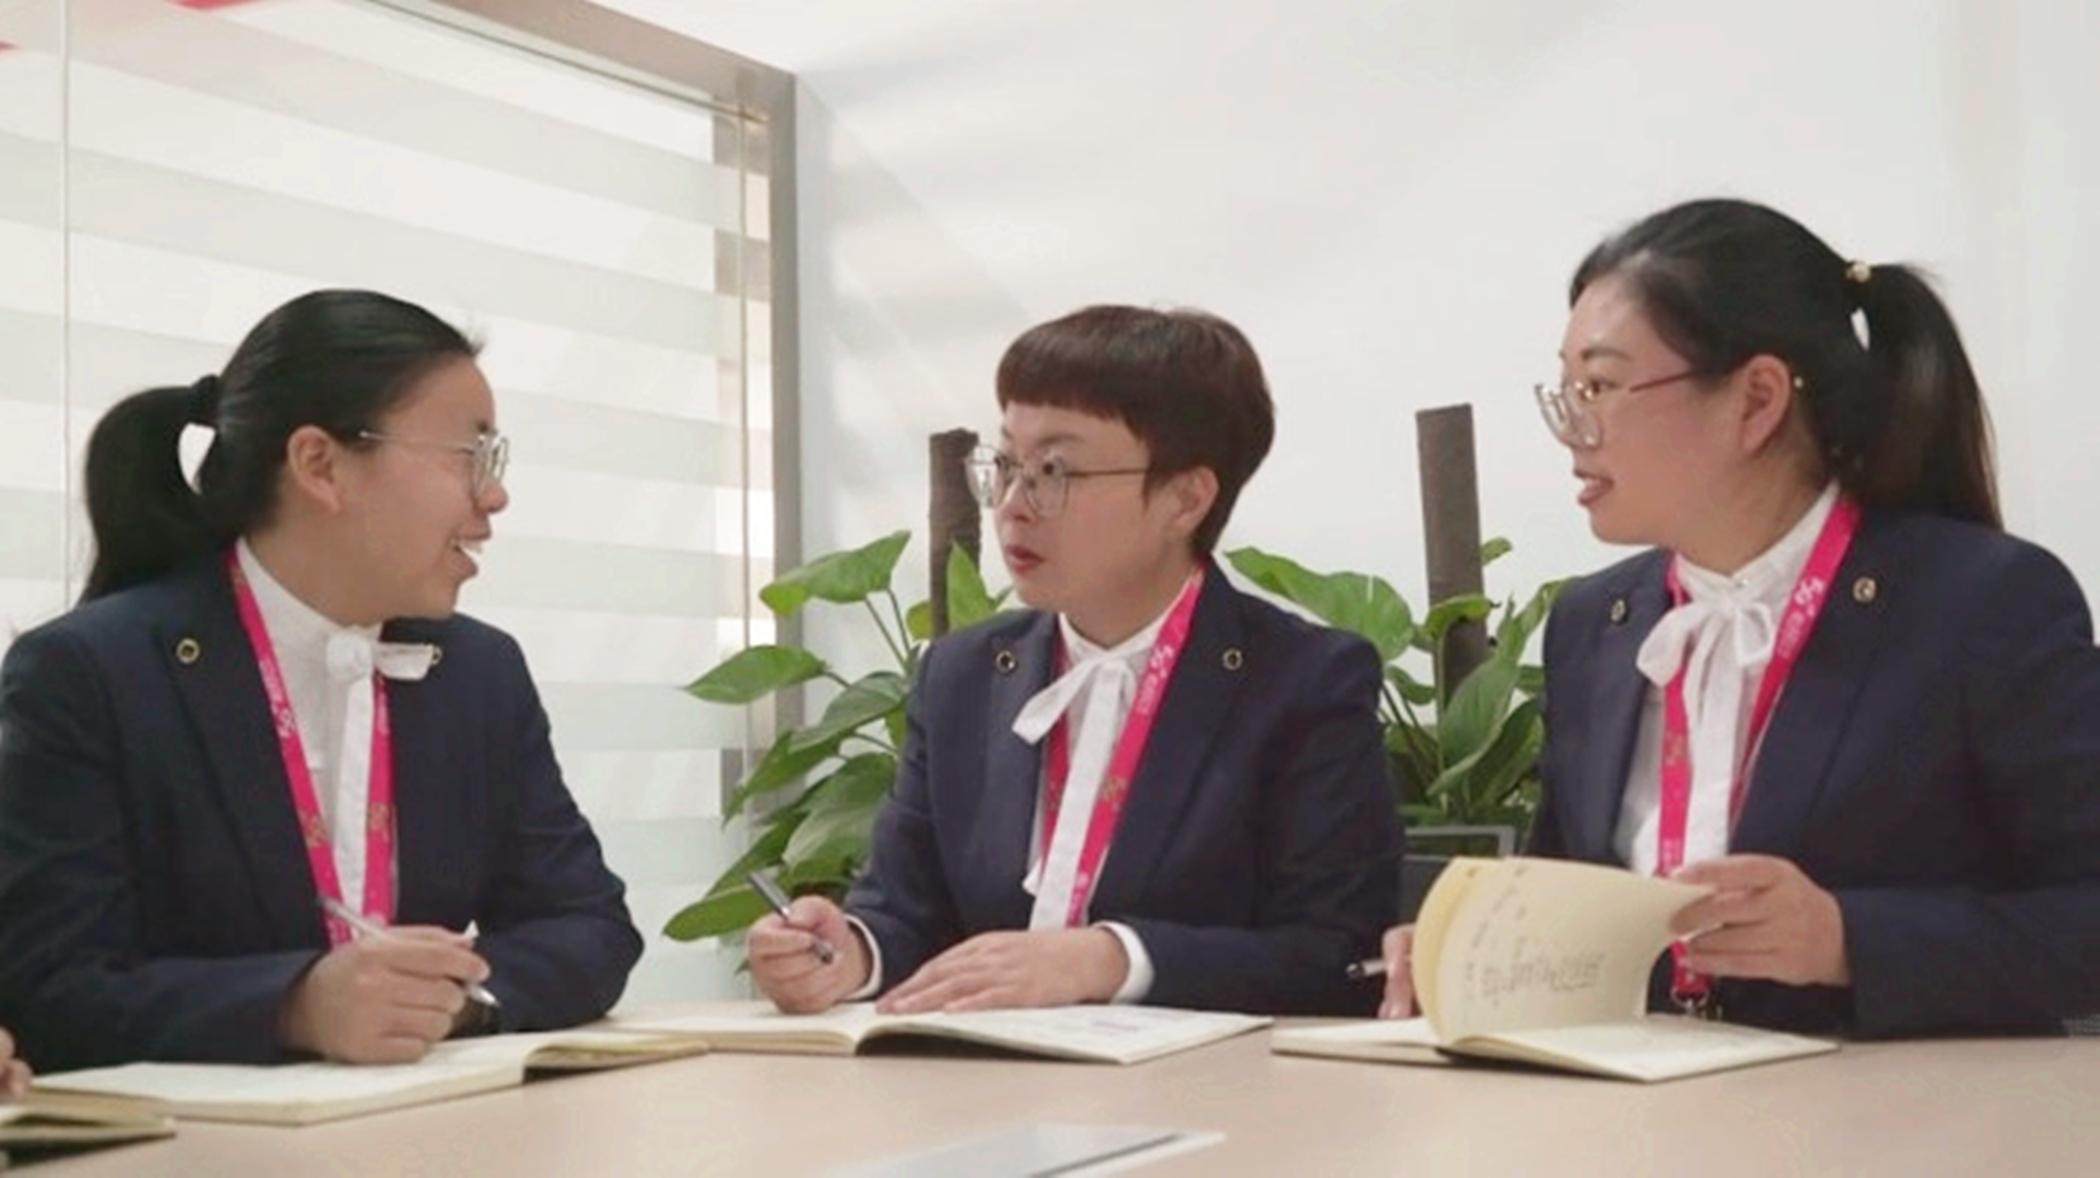 工作之余,陈姗姗和同事们总会聚在一起讨论目前的难点和问题。